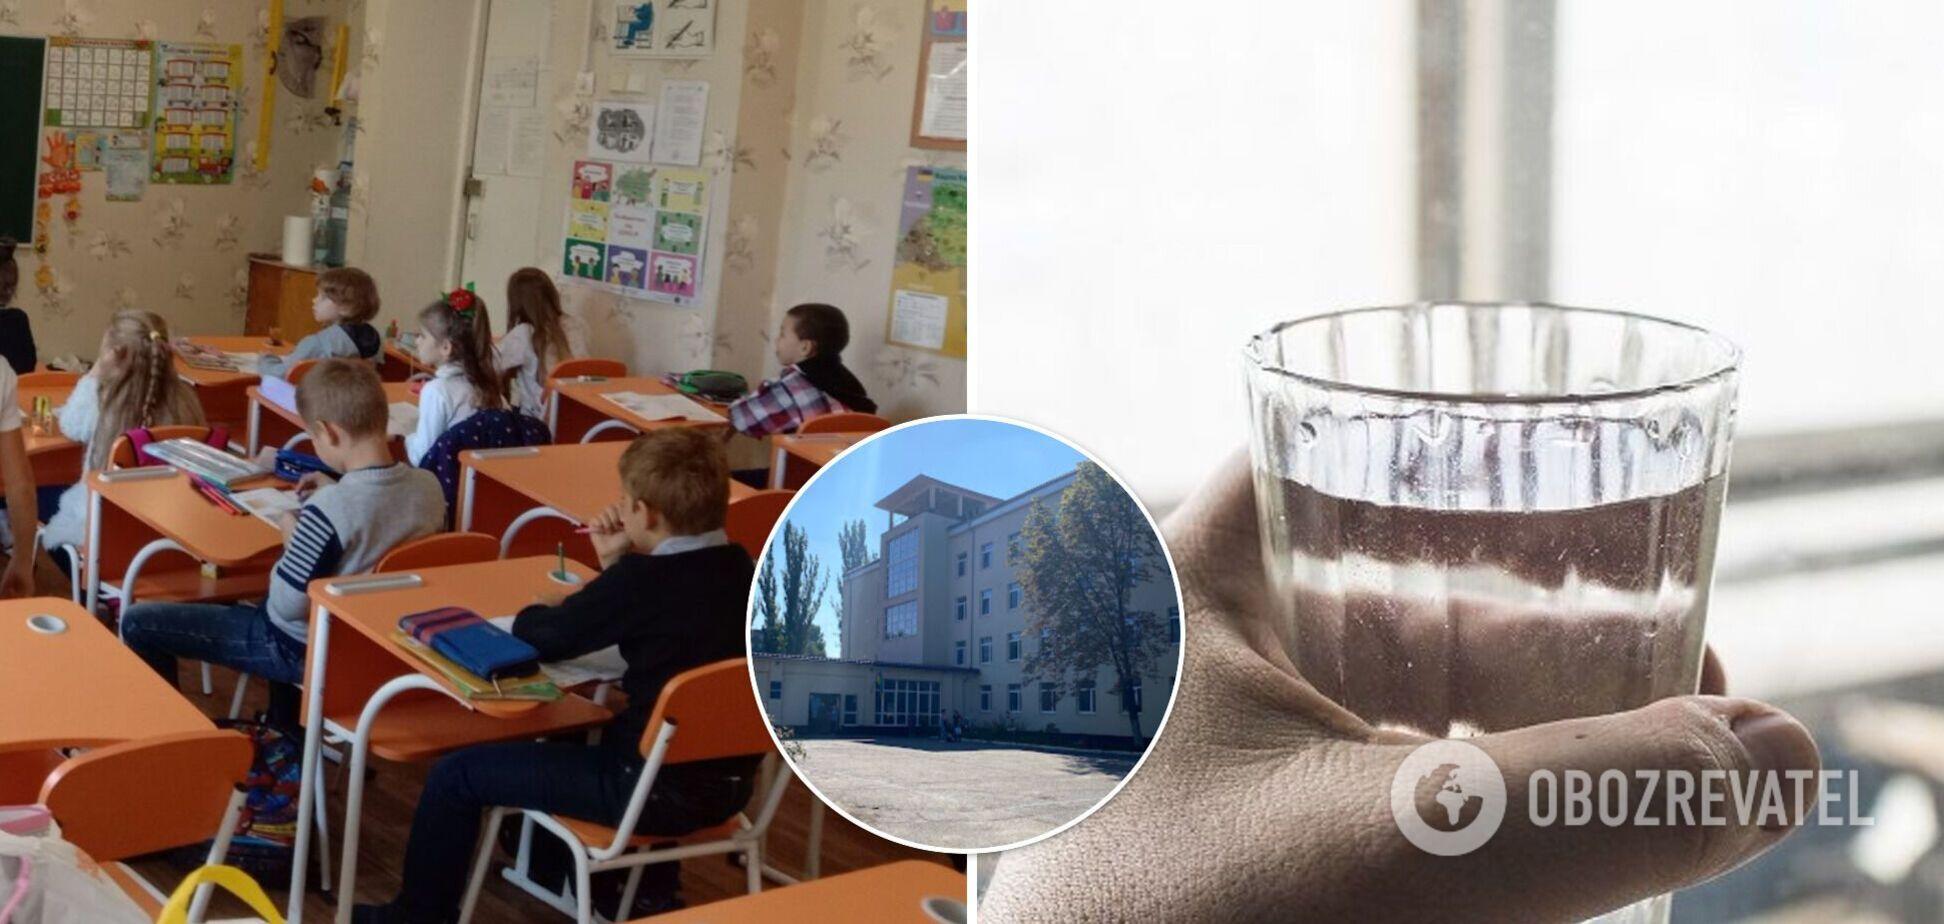 Батьки кажуть, що адміністрація знала про проблеми вчительки з алкоголем